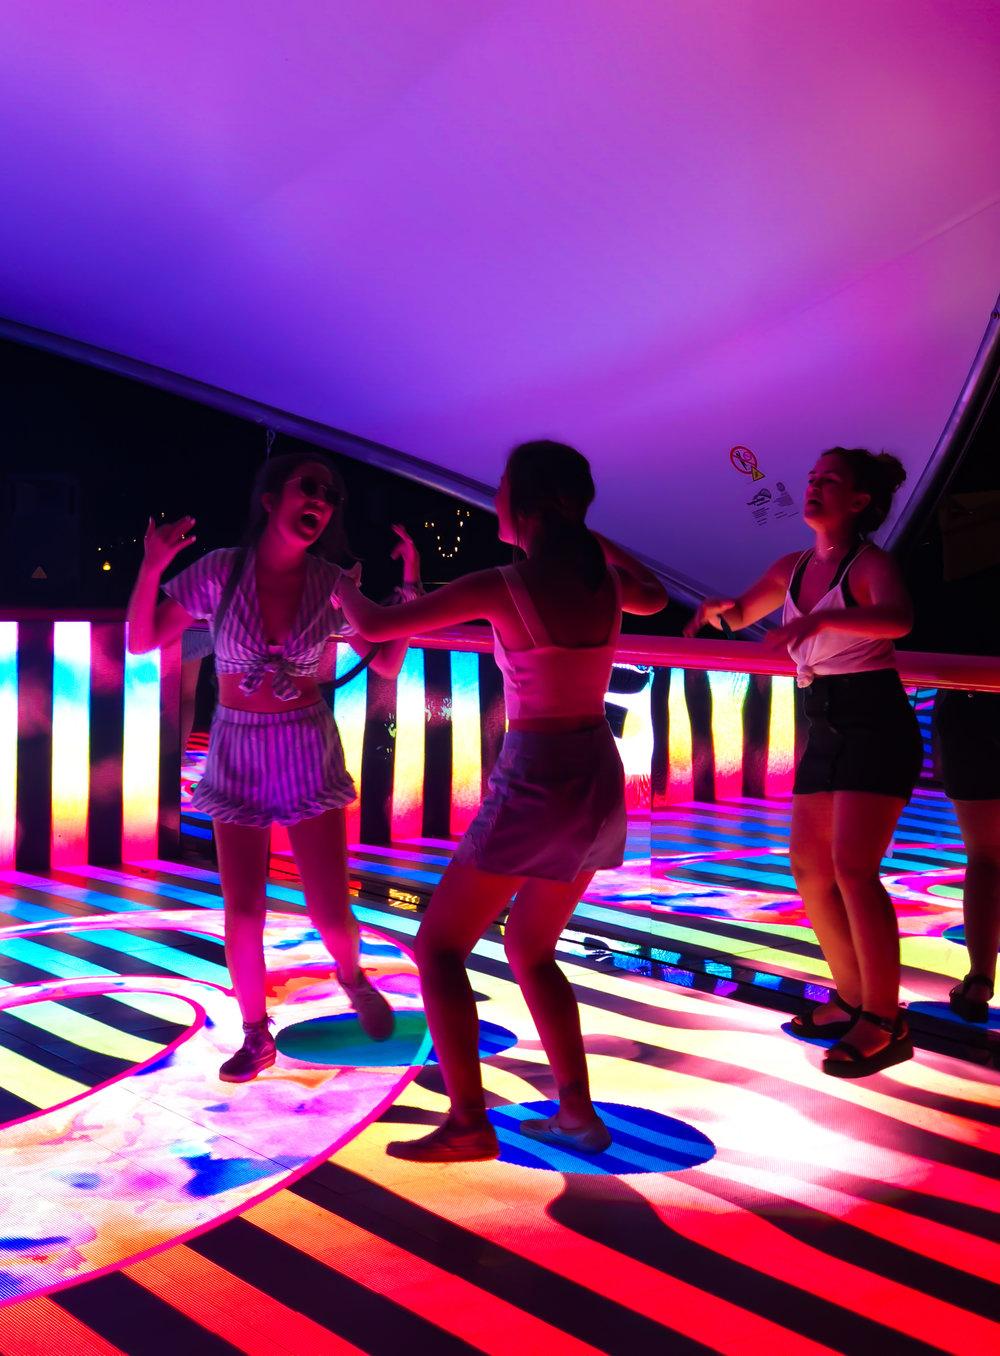 activefloor-asics-lollapalooza-dancing7.jpg